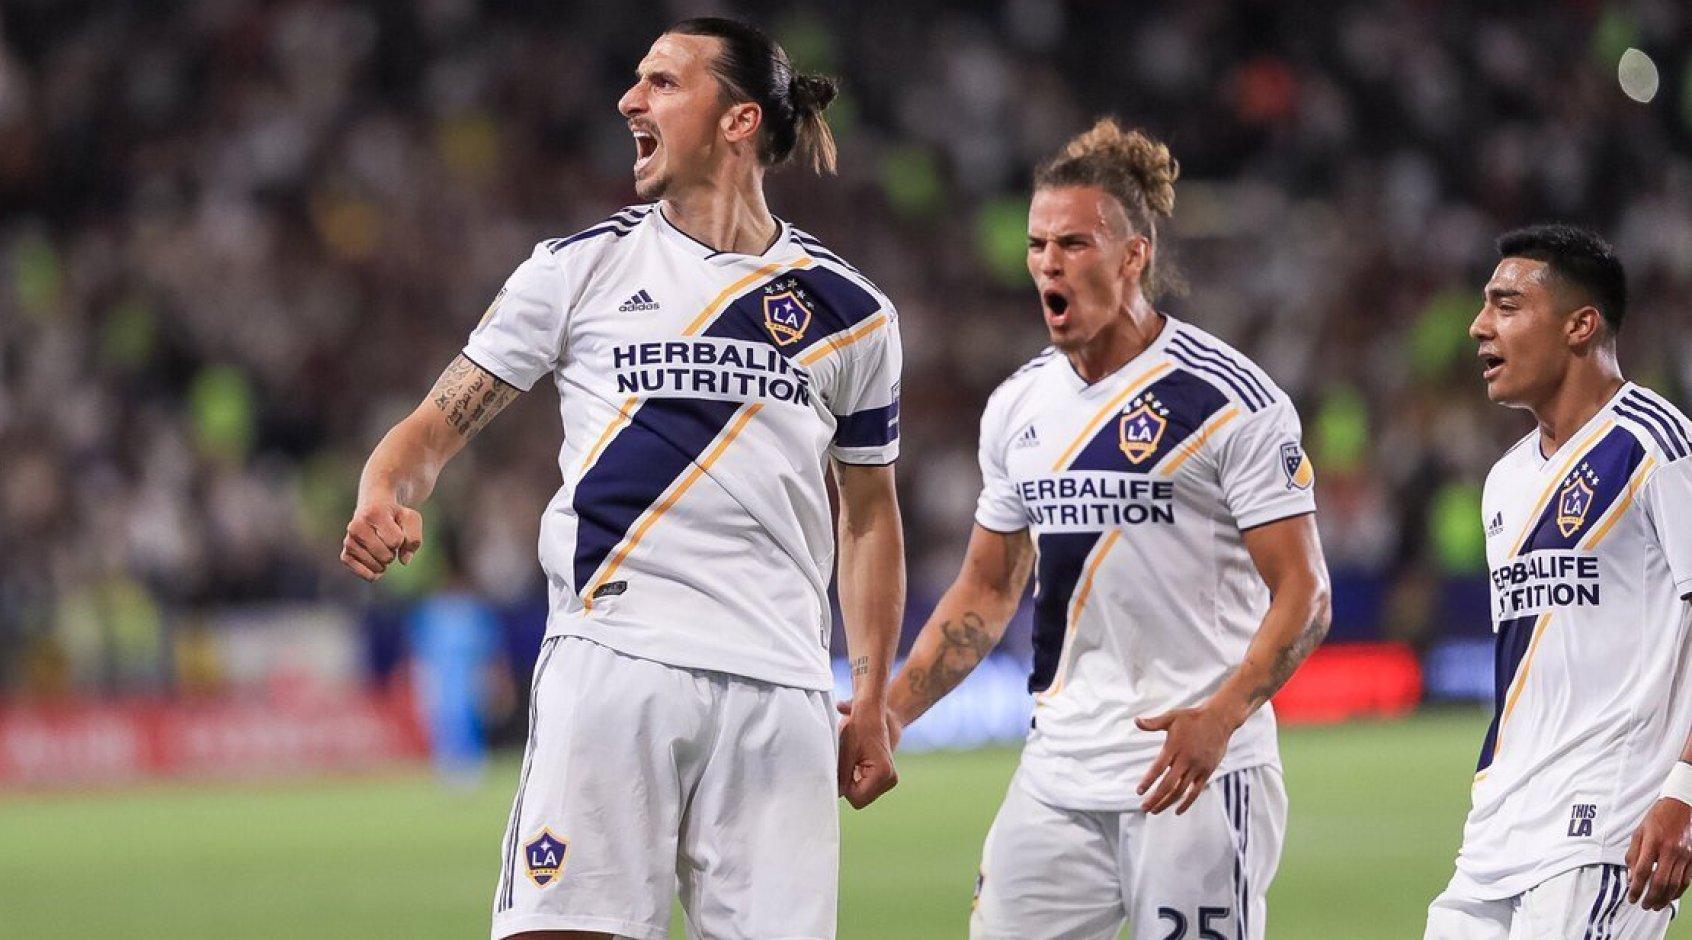 MLS: cимволическая сборная 20-го тура, Златан Ибрагимович - лучший игрок (+Фото)